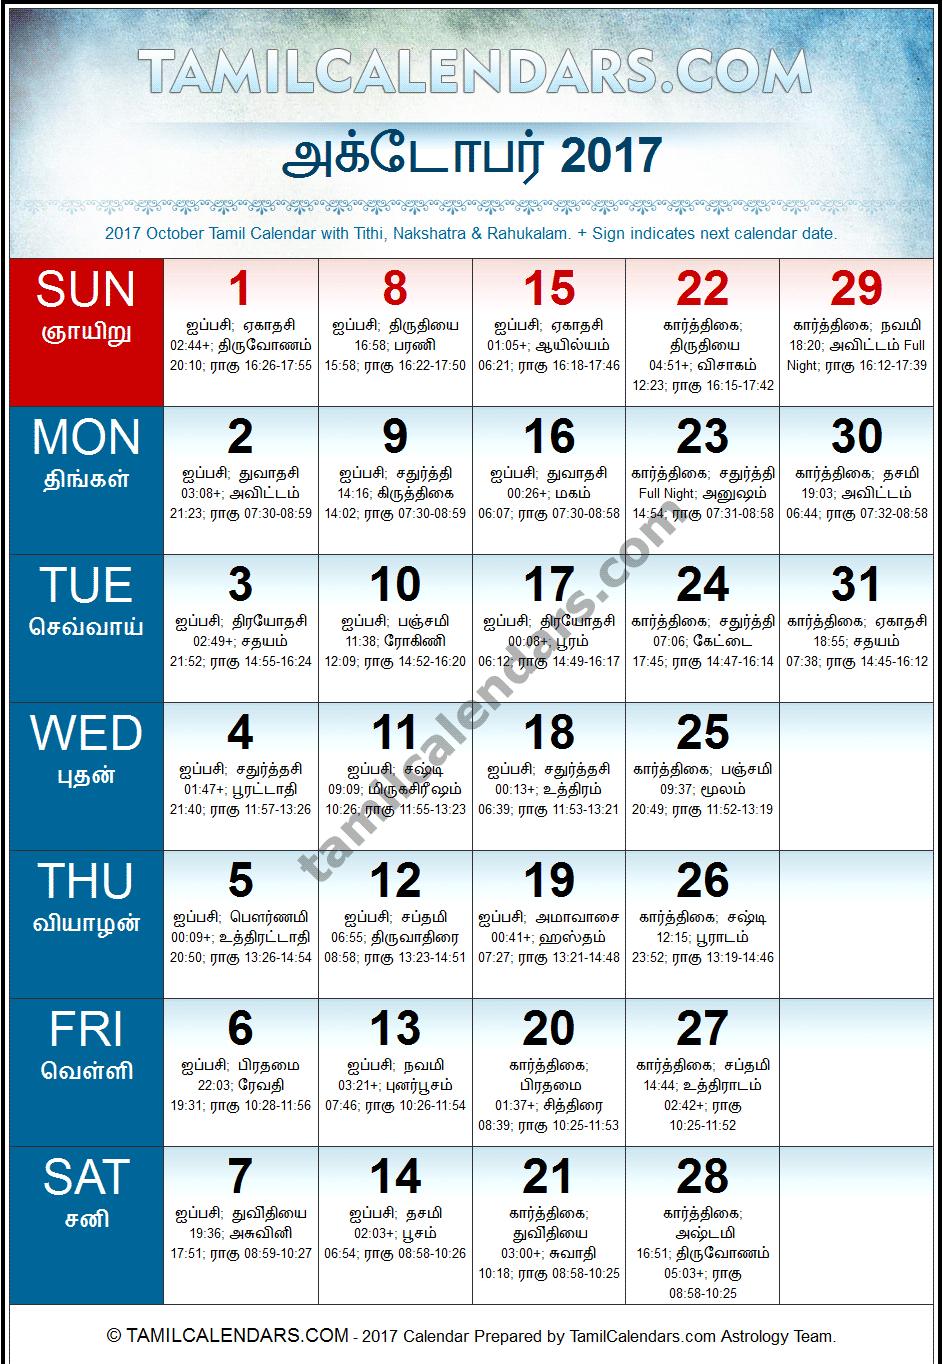 October 09, 2017 Tamil Panchangam with Tamil Calendar …